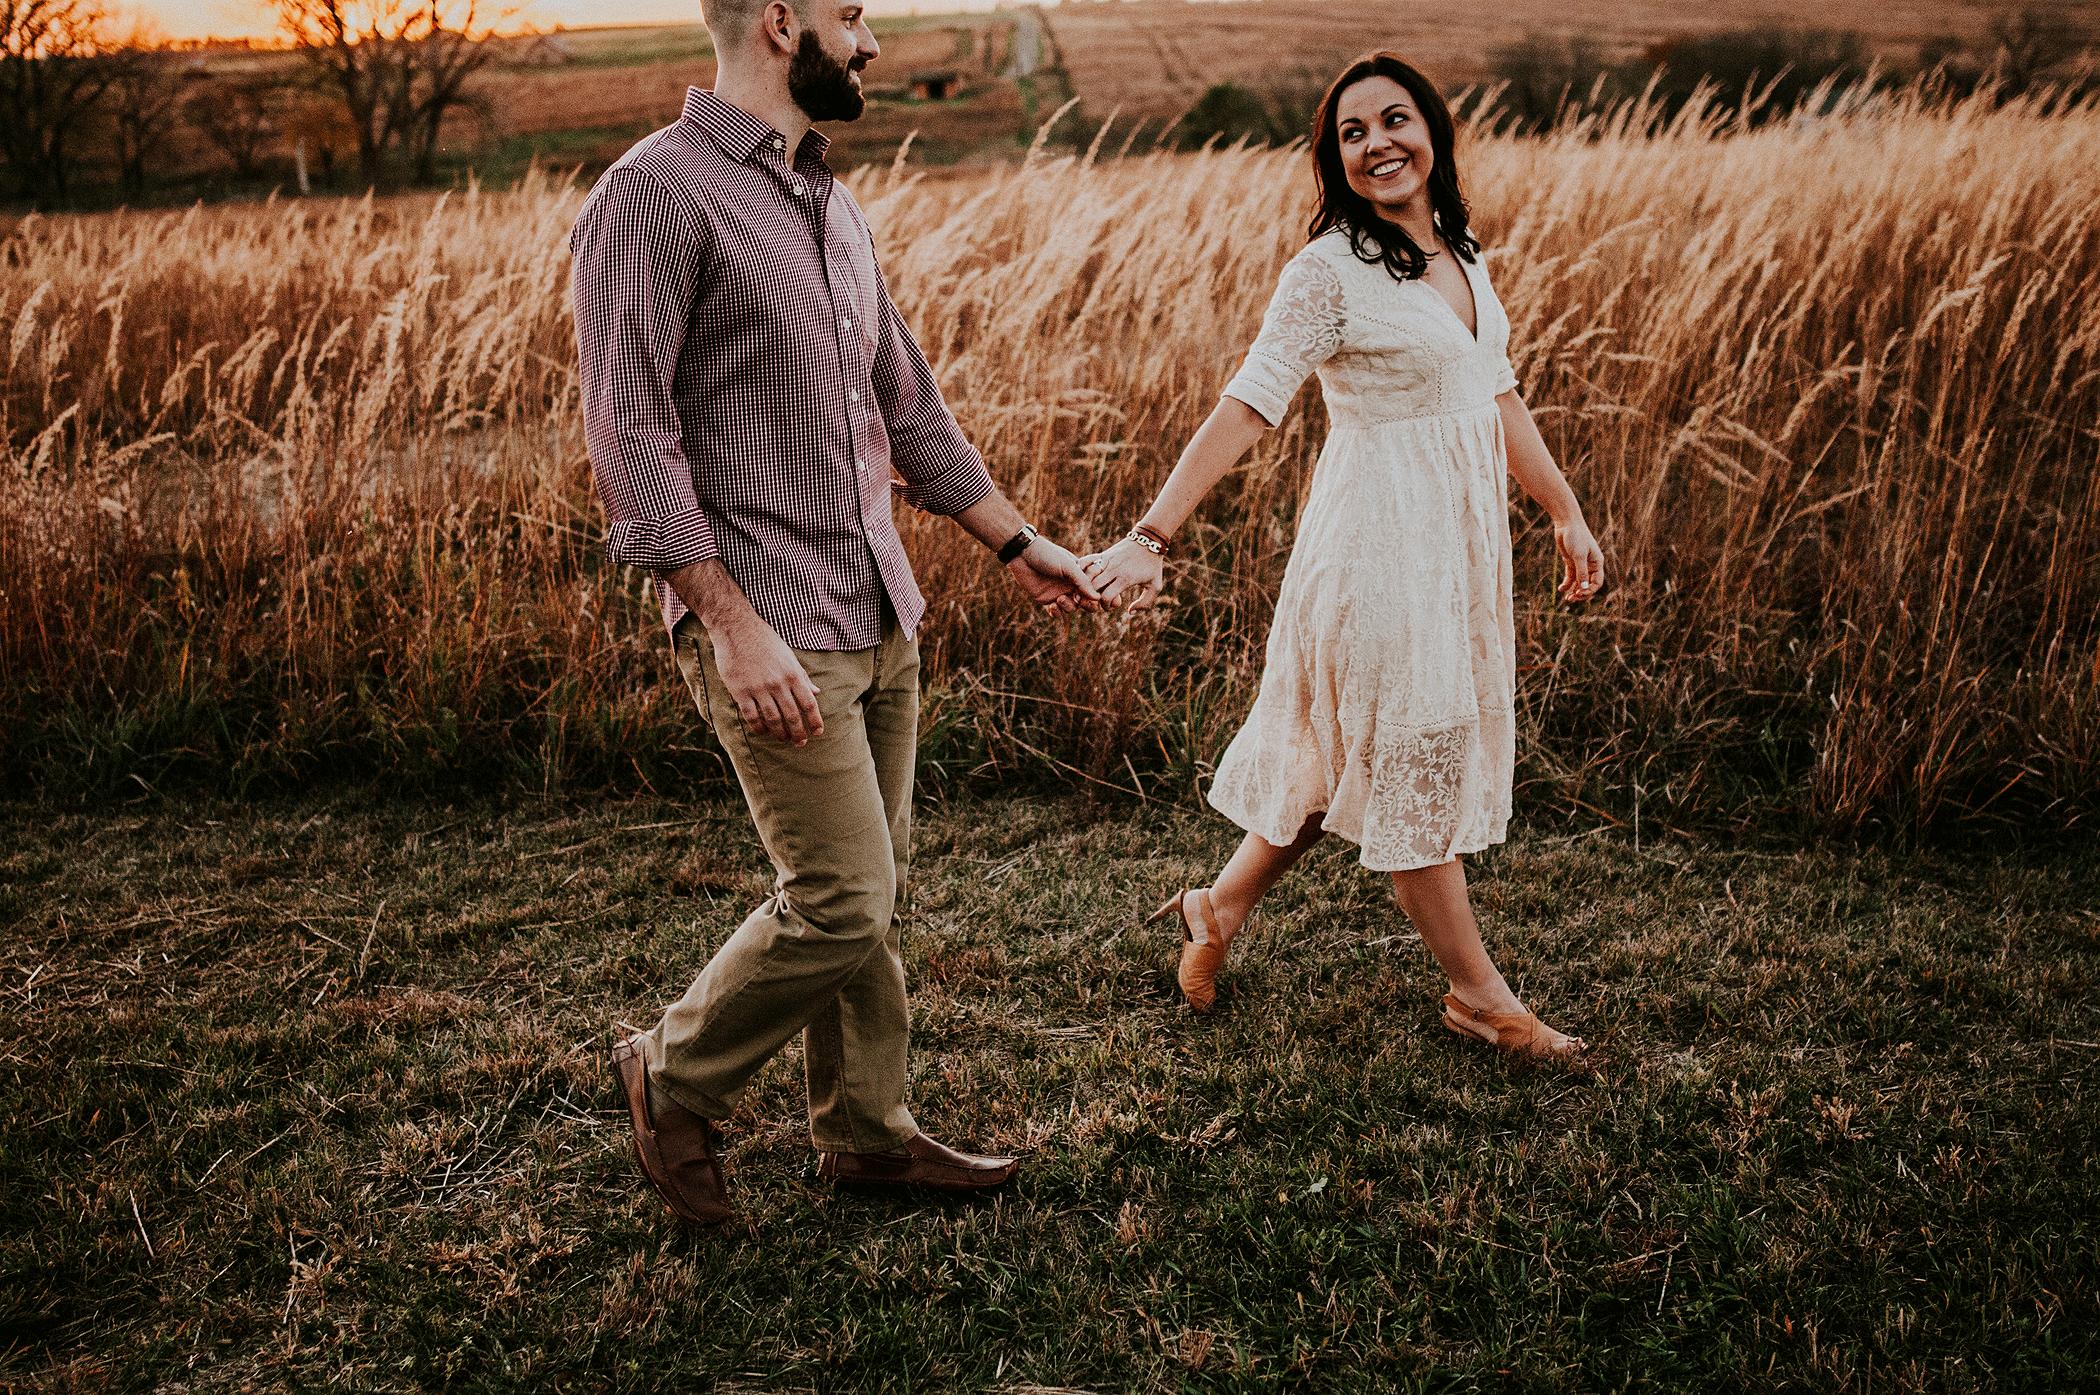 Phil-and-Tara(Engaged)-330.png